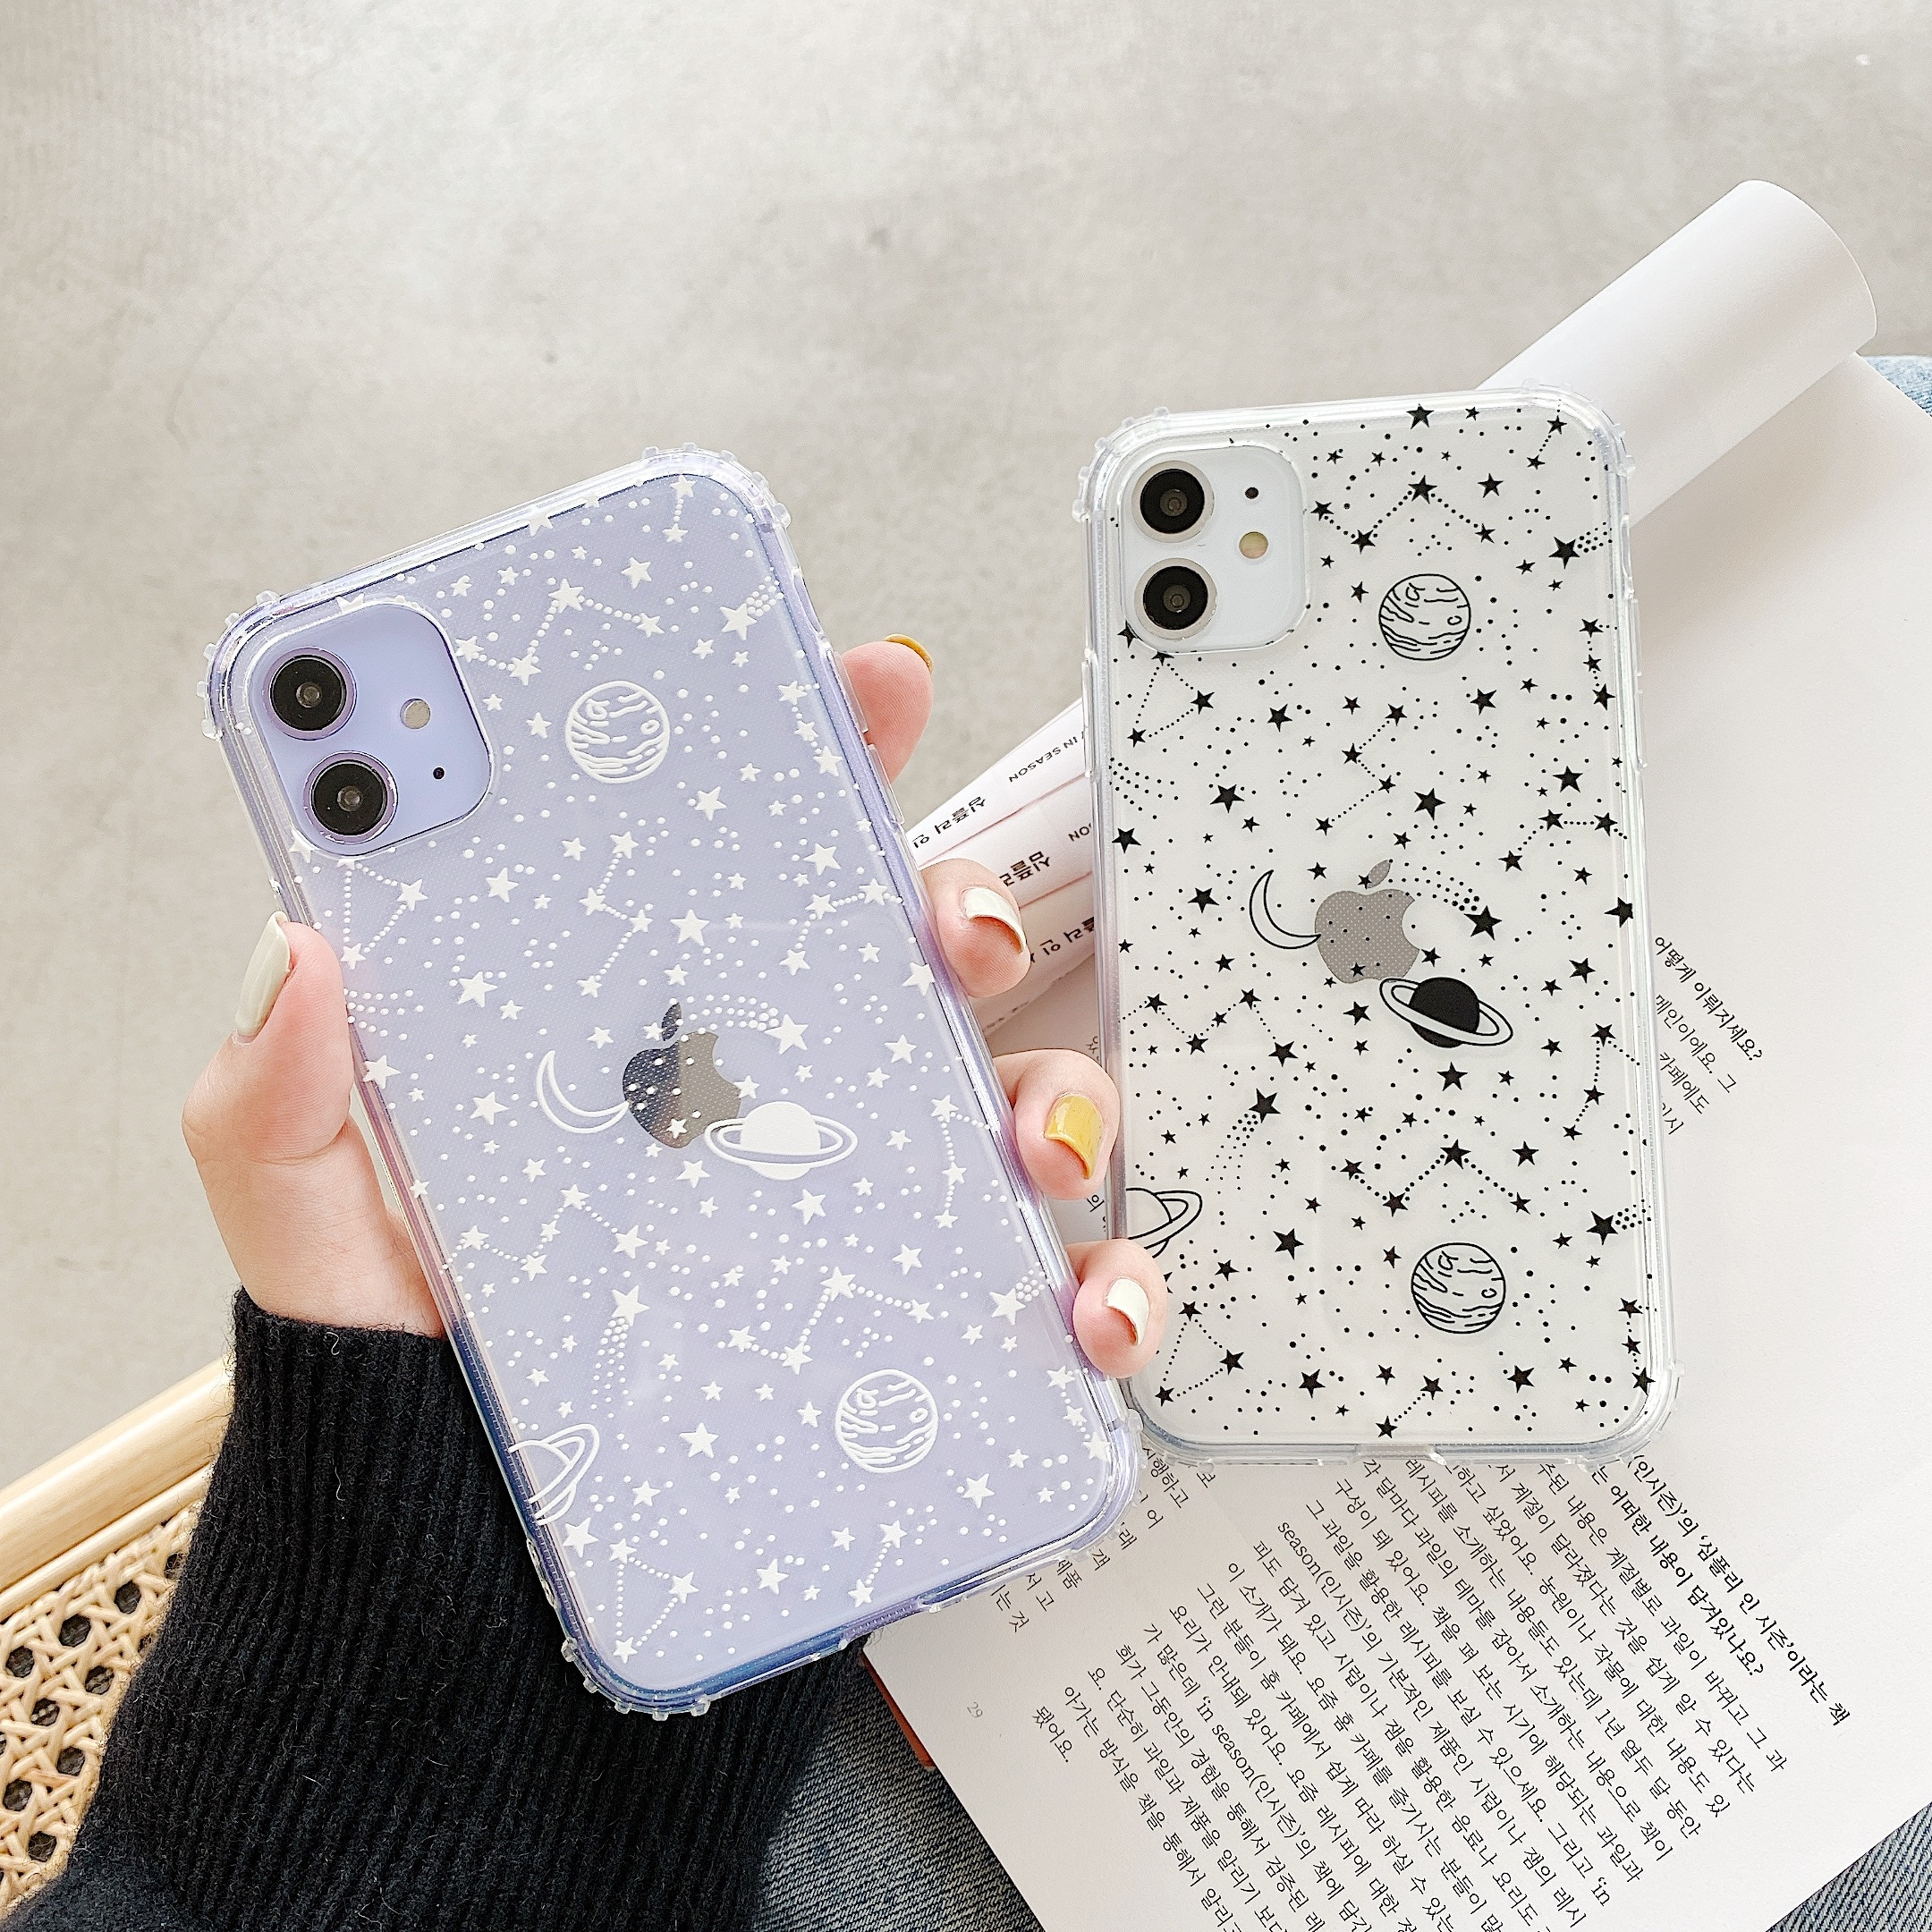 Funda de teléfono con diseño de constelación de cielo estrellado para iPhone 11 Pro Max XR XS Max X 78 Plus X Planet Star, fundas traseras transparentes